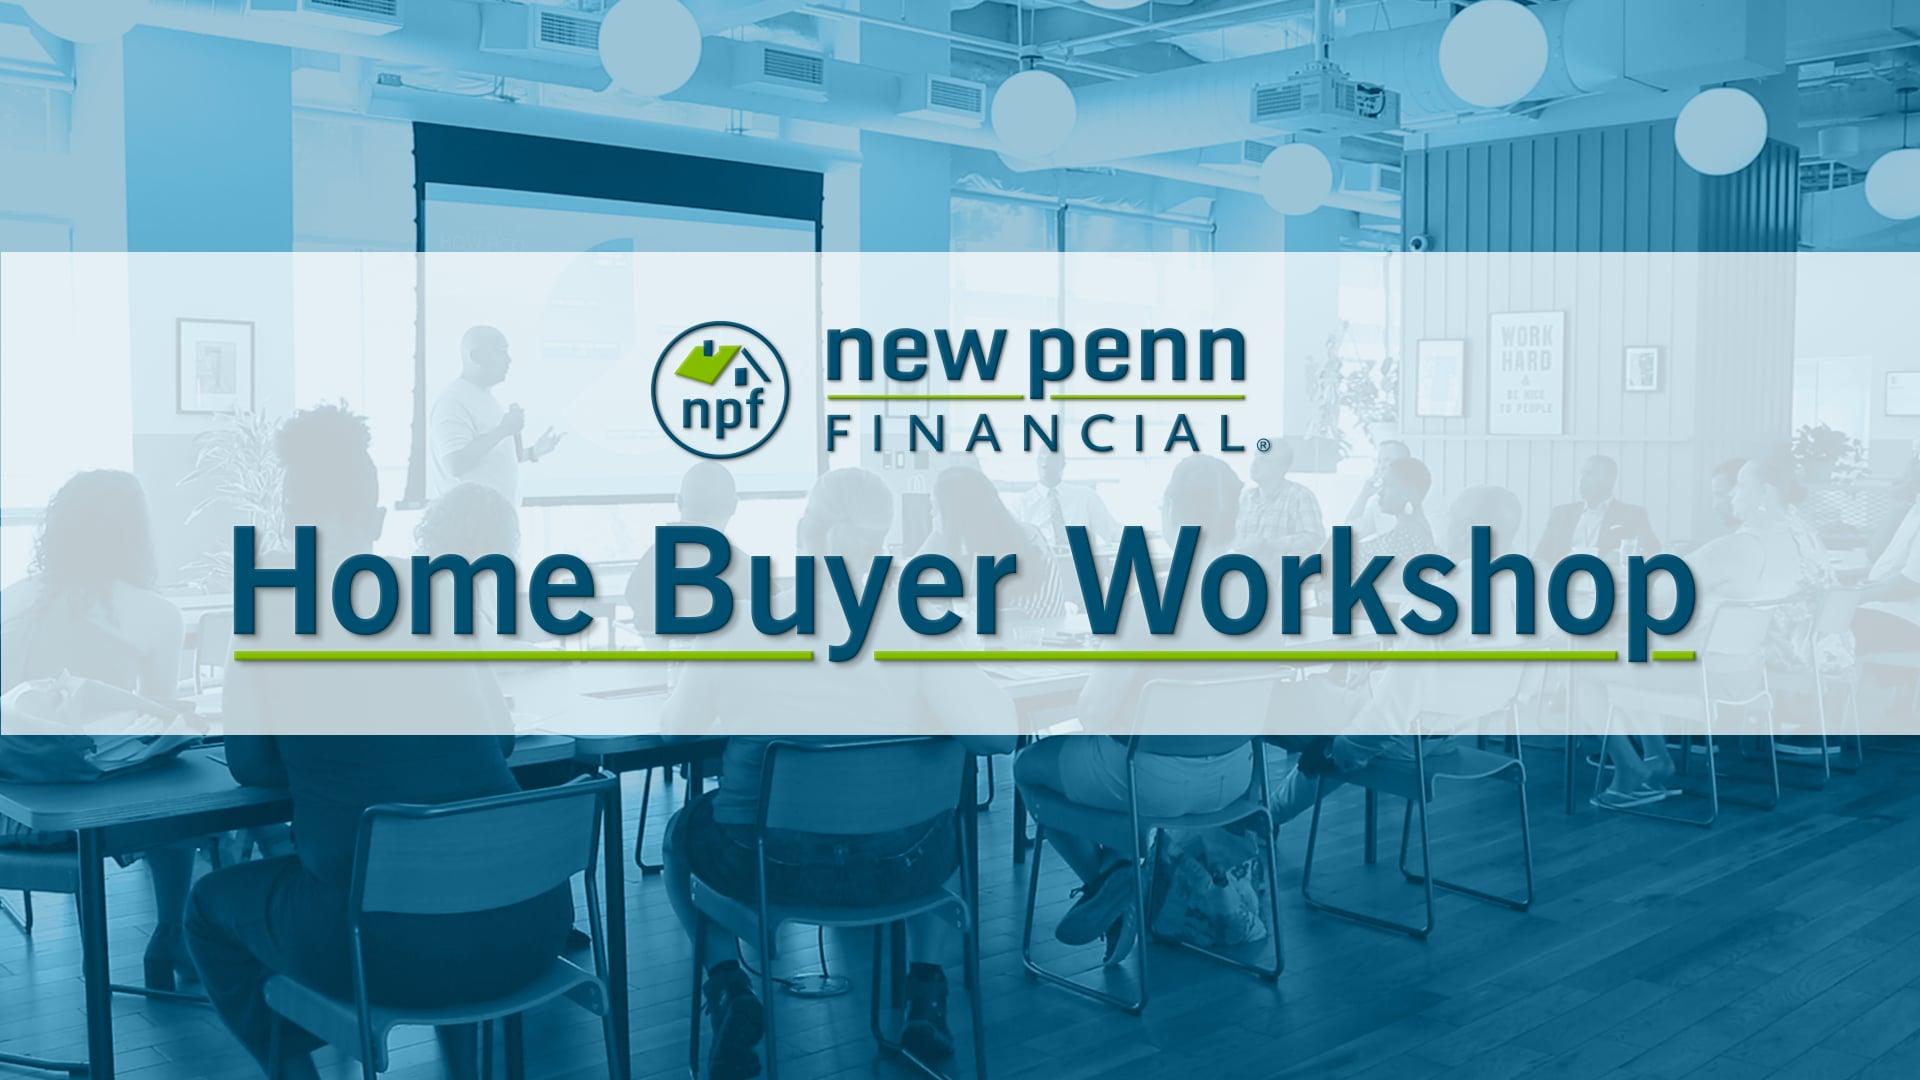 NPF Home Buyer Workshop